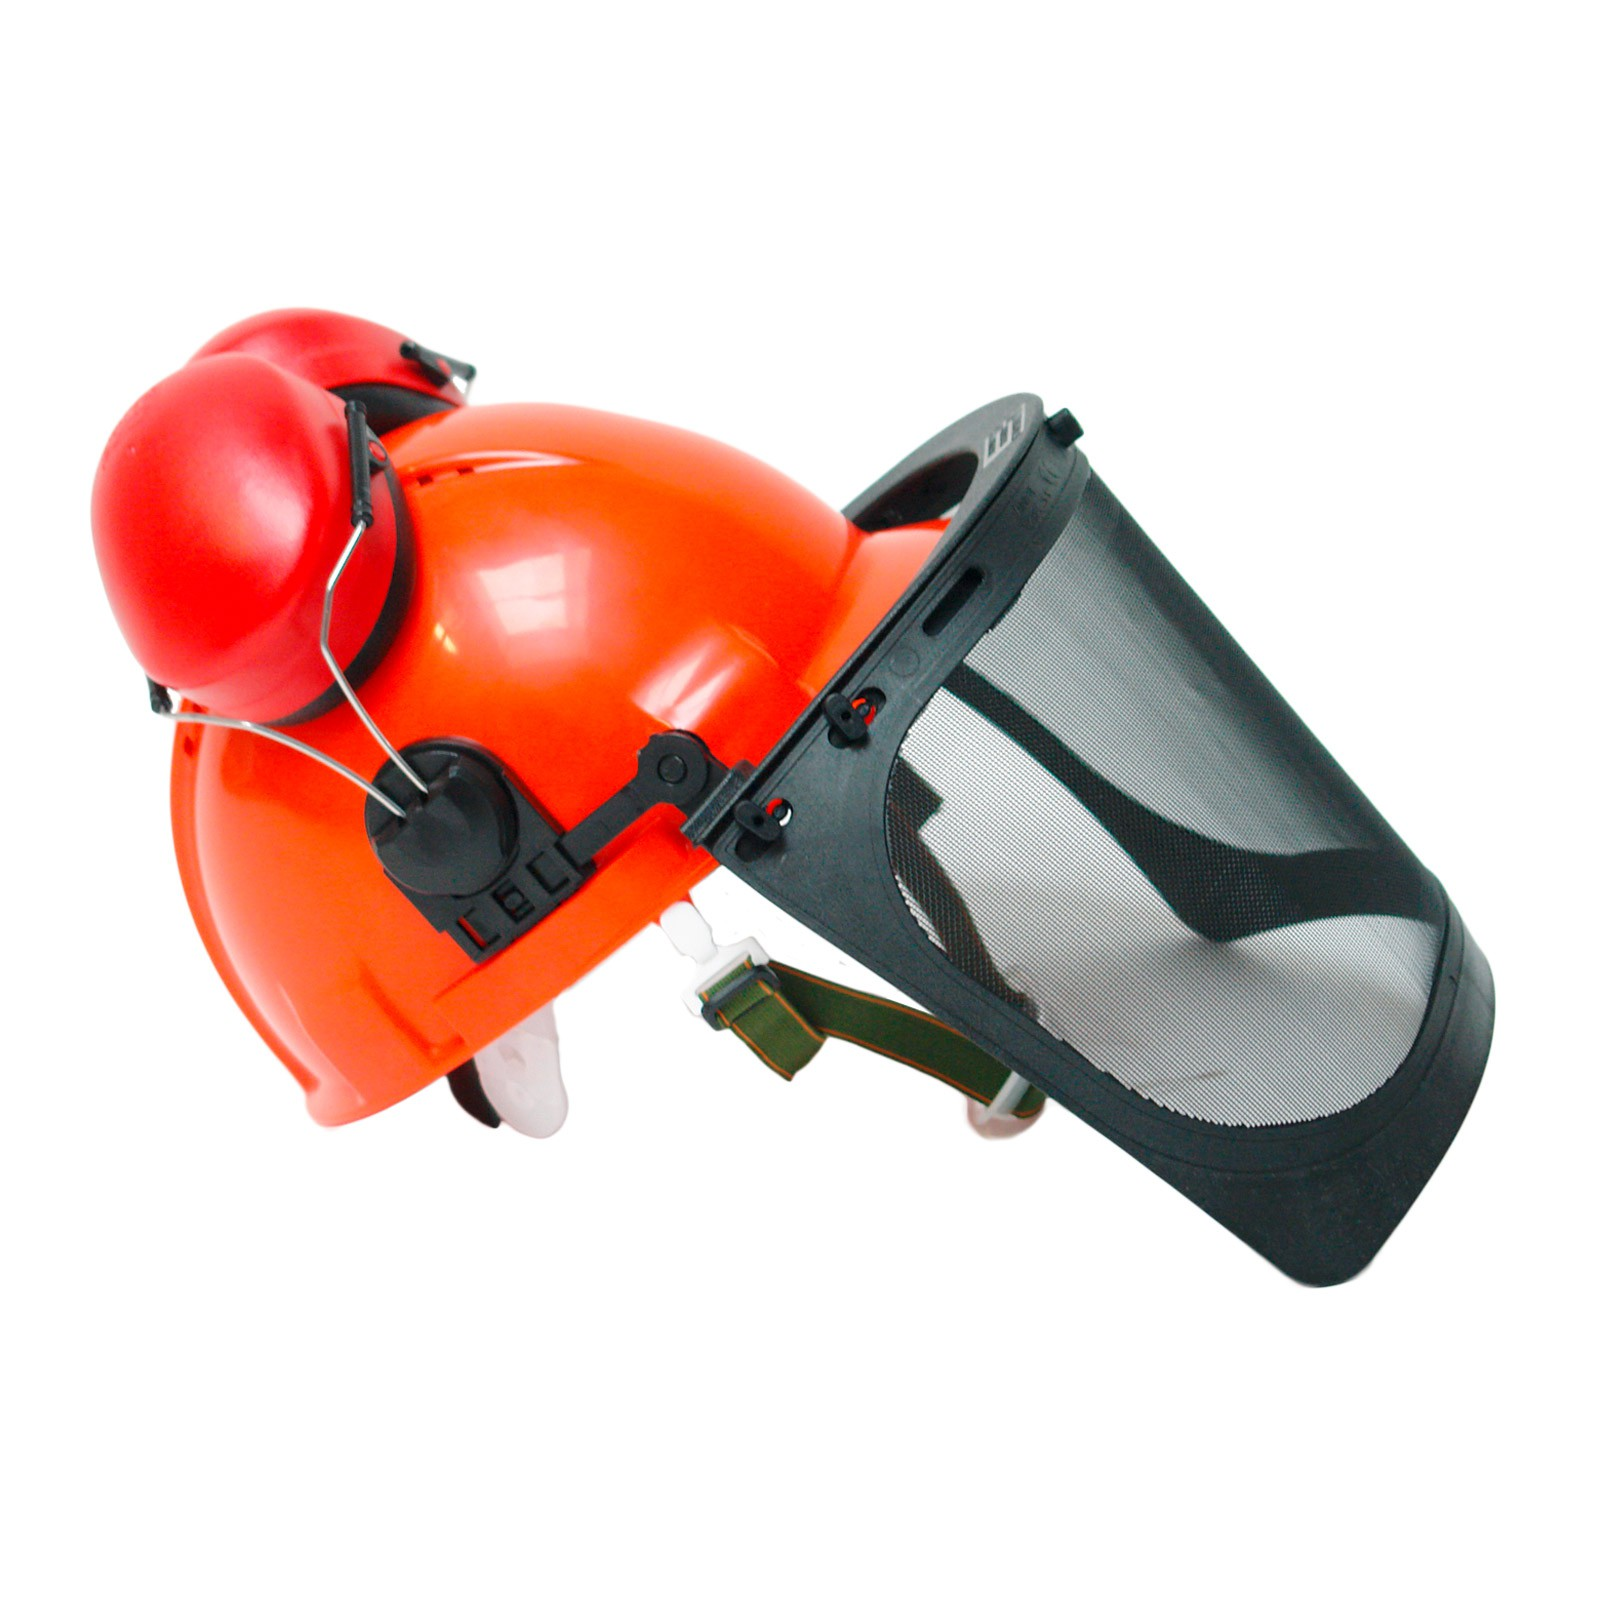 forst schnittschutz set 3er forsthelm kwf-hose oregon-handschuhe